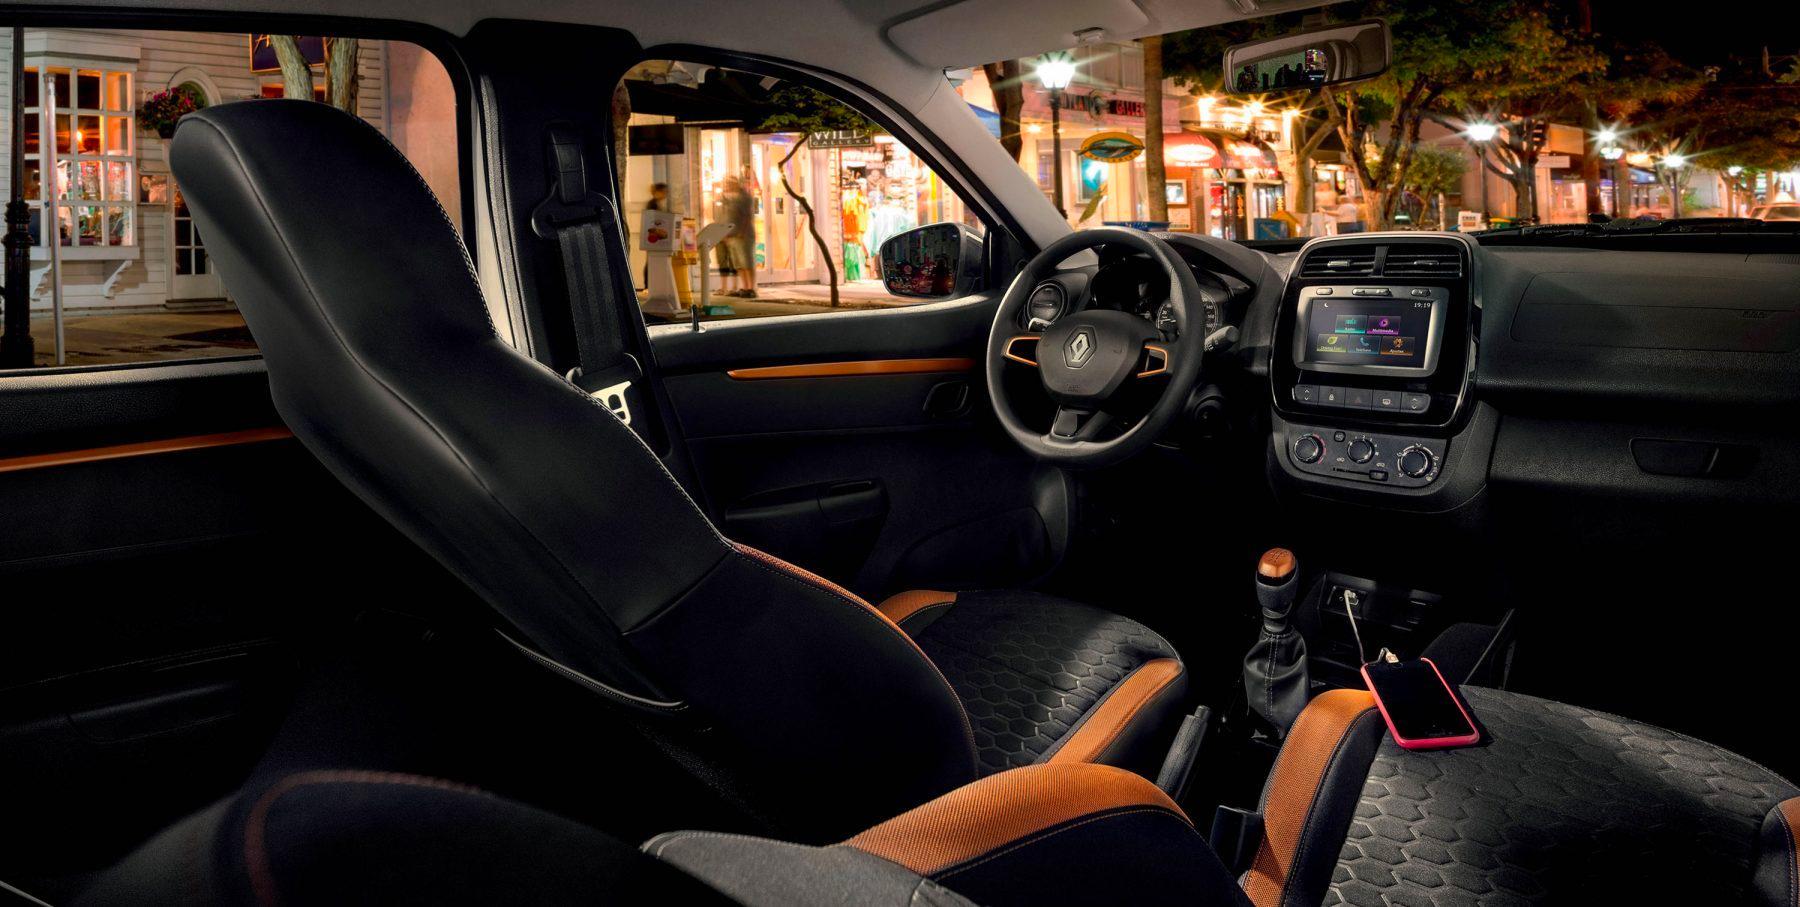 Renault KWID 2019 México, diseño interior con asientos y pantalla touch